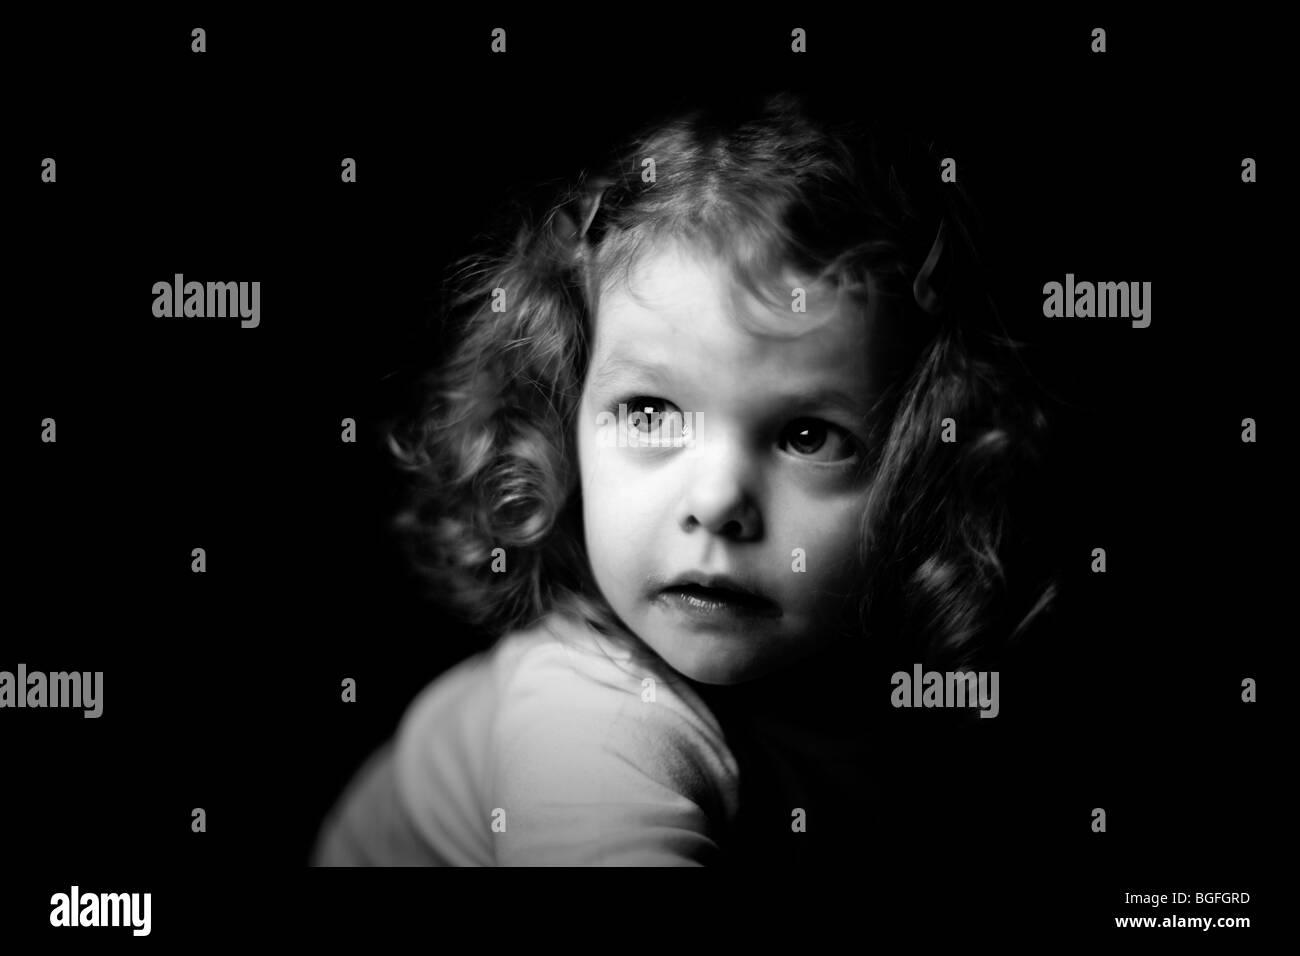 Schwarz / weiß Foto eines dreijährigen Mädchens in dramatische Beleuchtung. Schwarzer Hintergrund. Stockbild